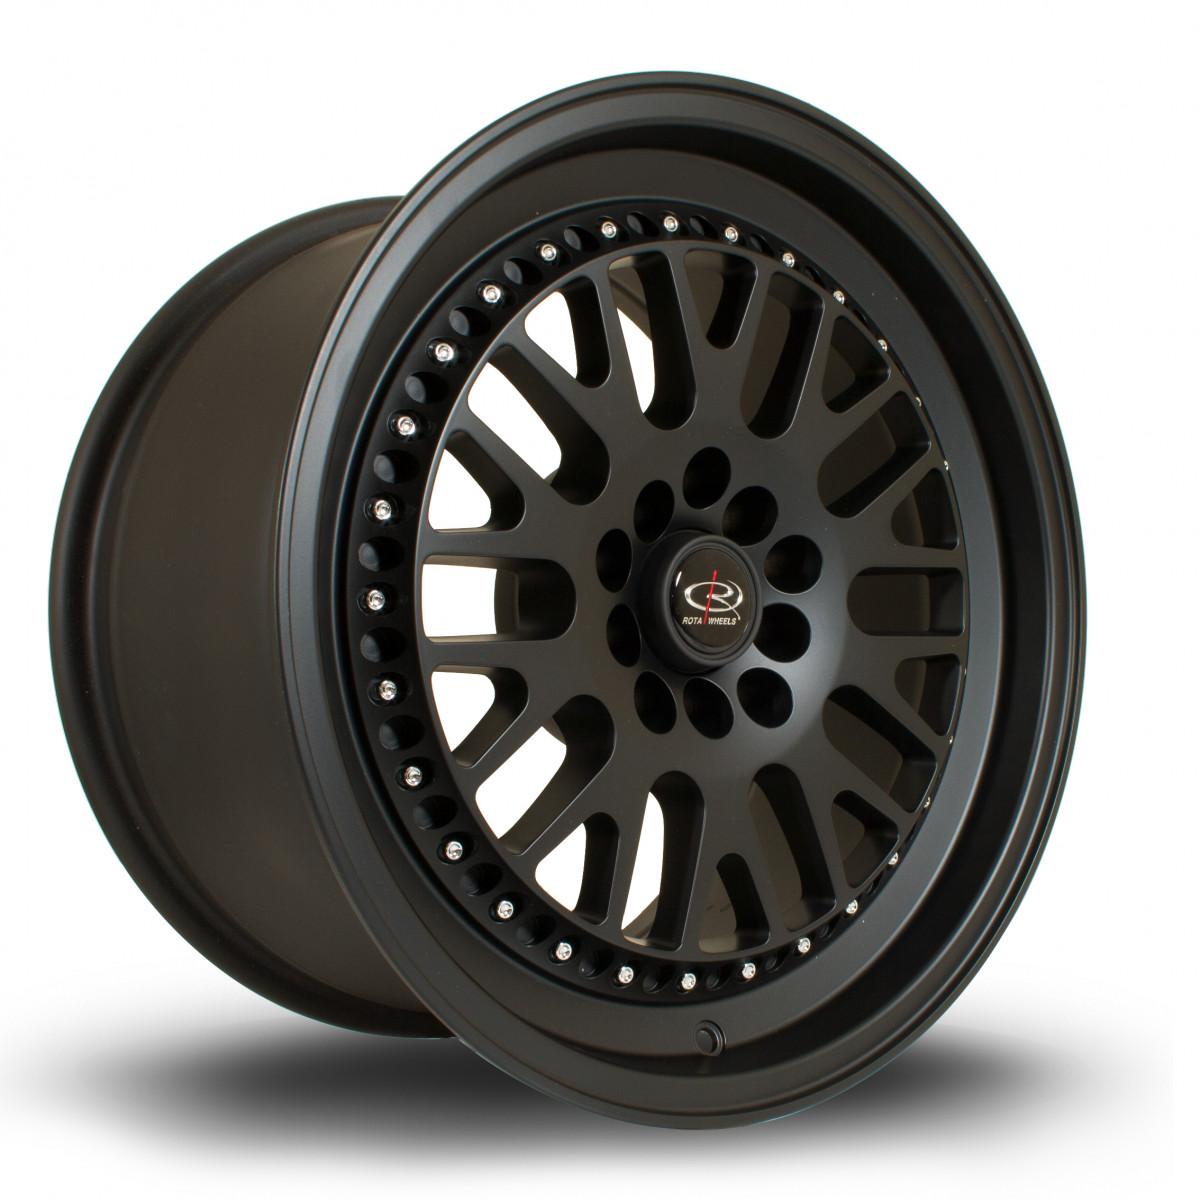 Flush 17x9.5 5x100 ET25 Flat Black